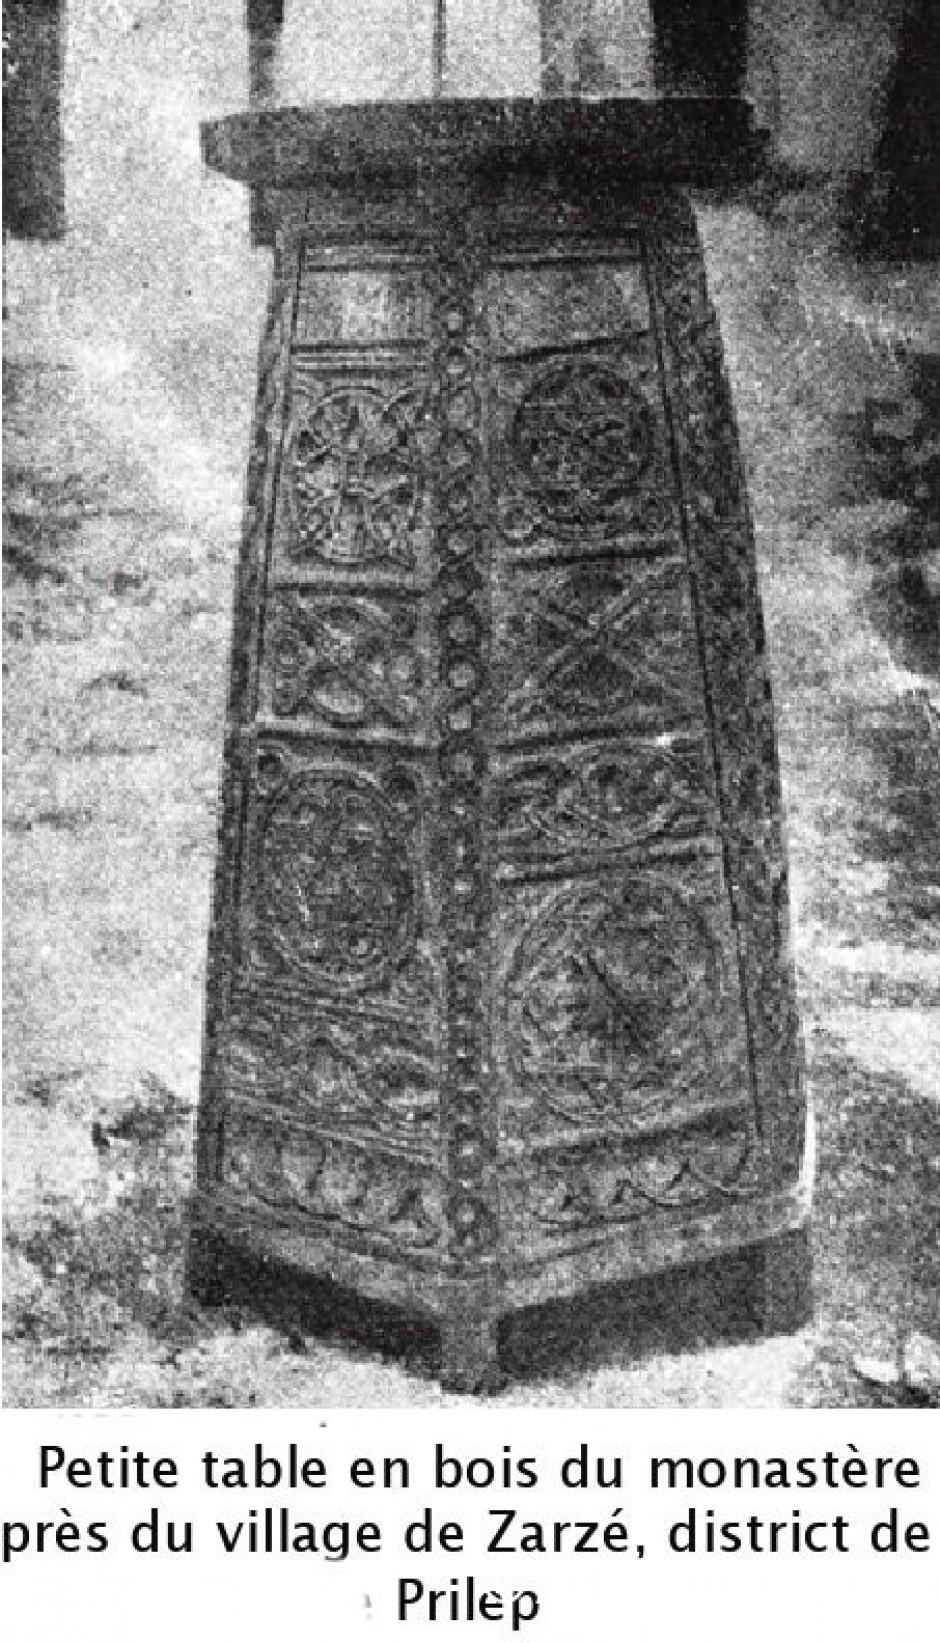 Певница од манастирот во село Зрзе сликана на почетокот од минатиот век.